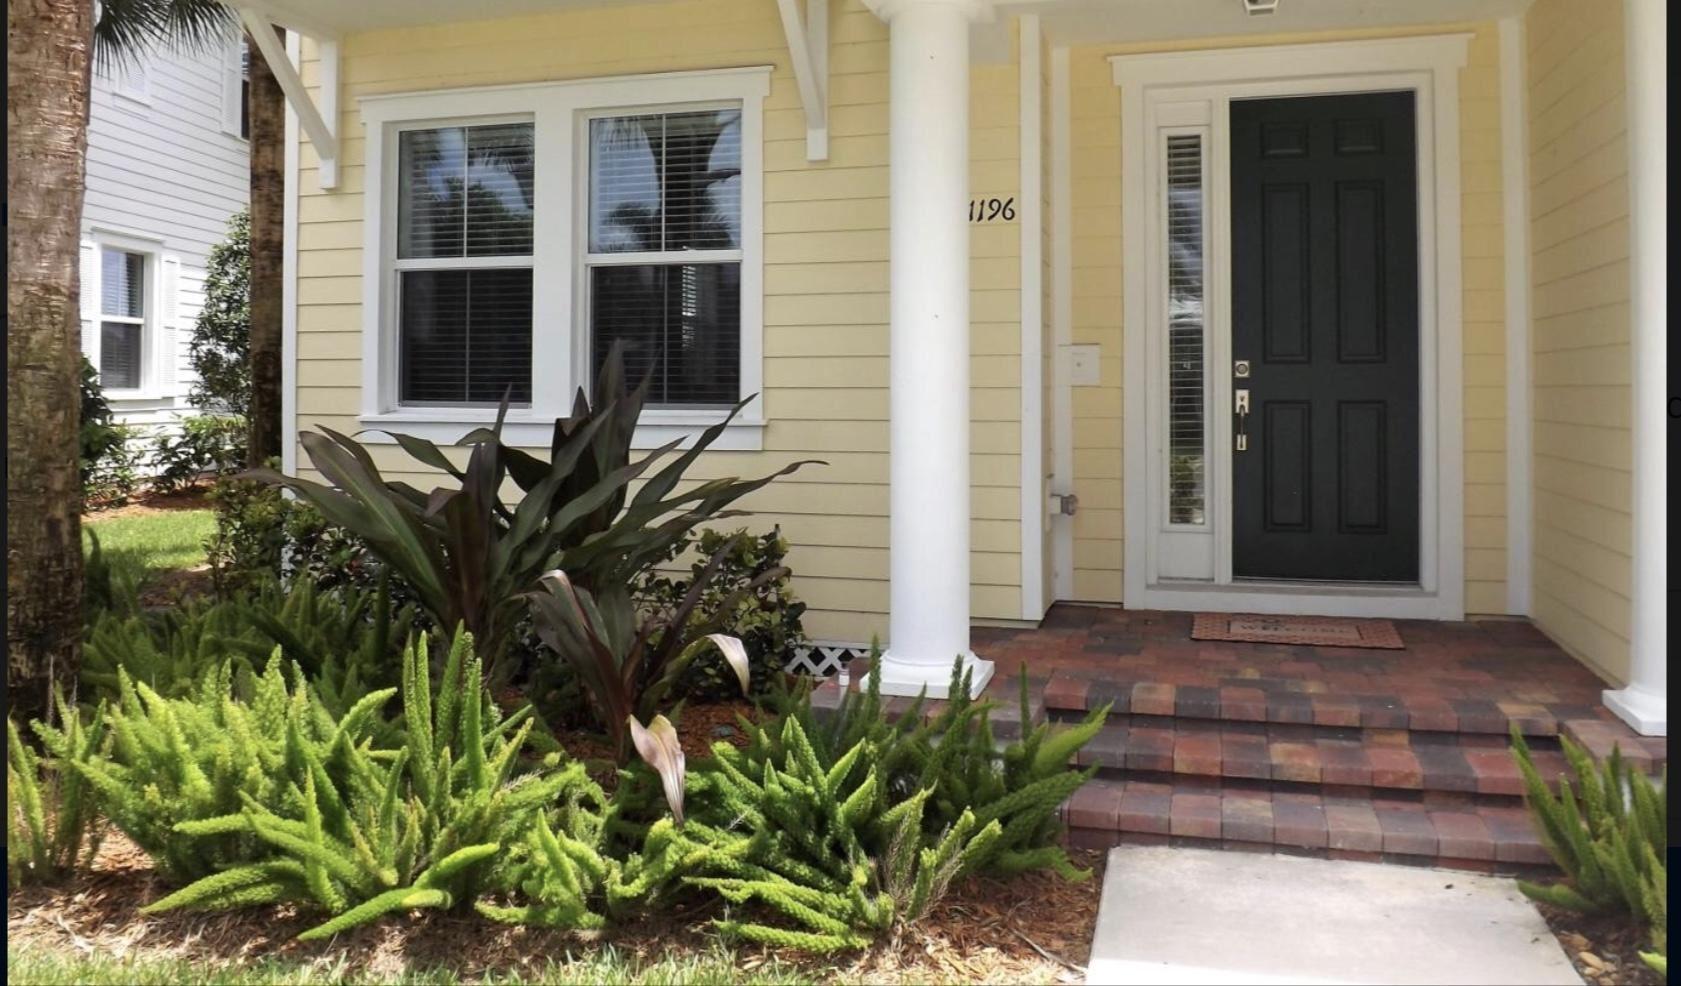 Photo of 1196 S Community Drive, Jupiter, FL 33458 (MLS # RX-10650642)